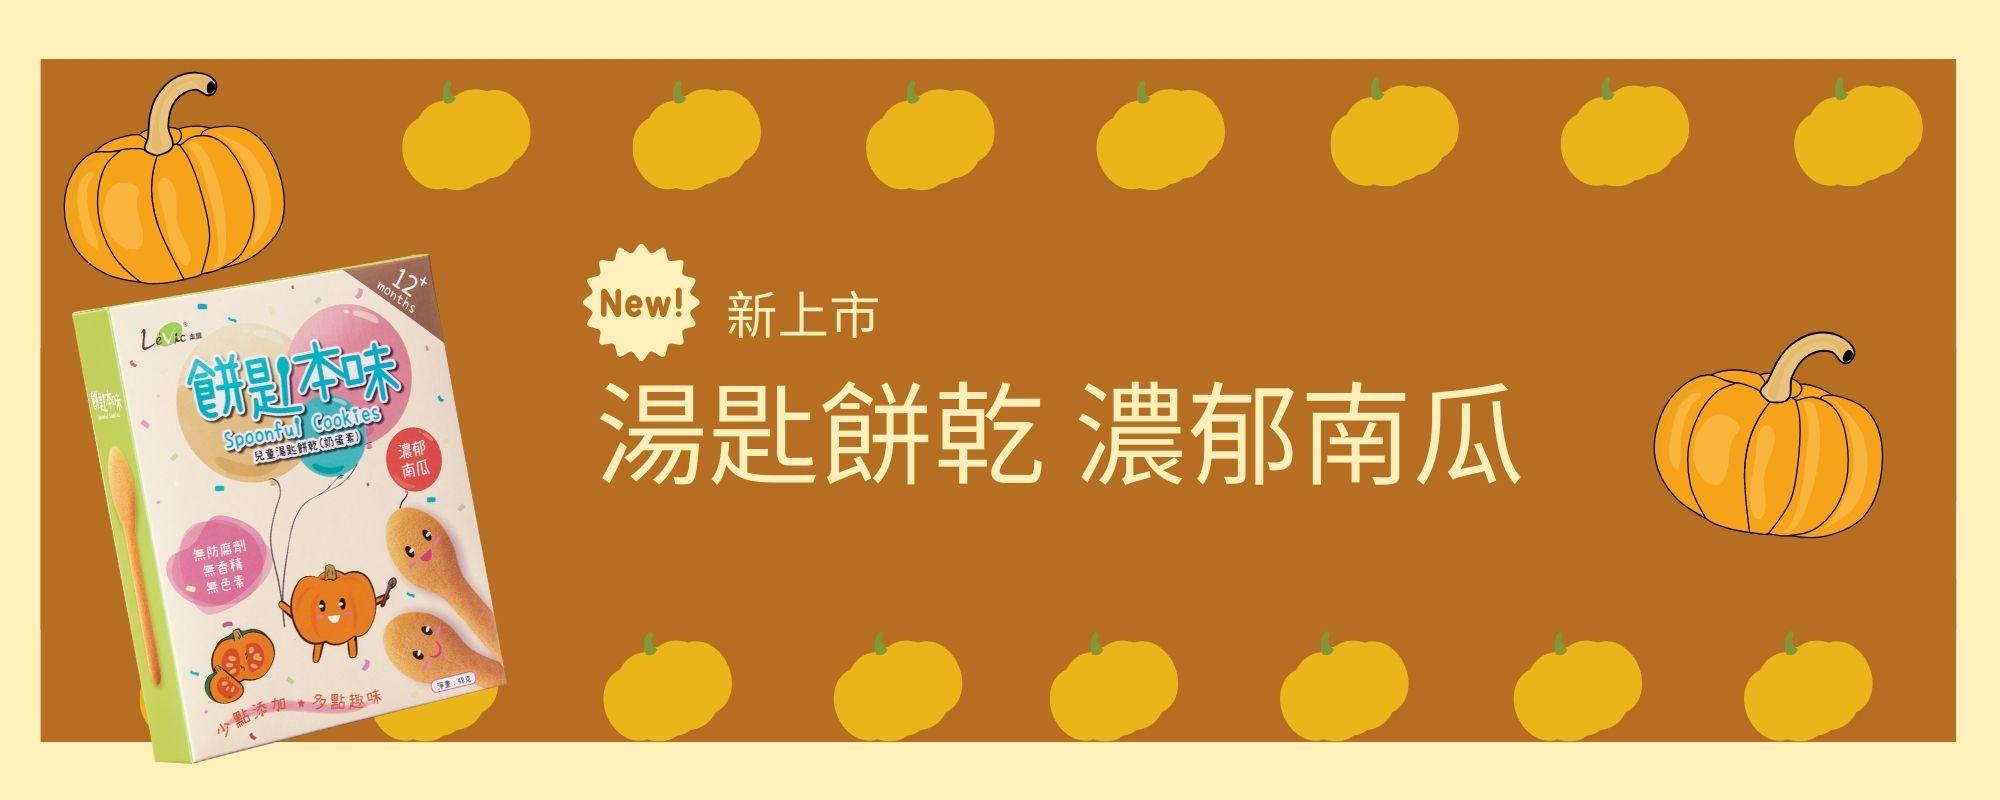 湯匙餅乾濃郁南瓜味